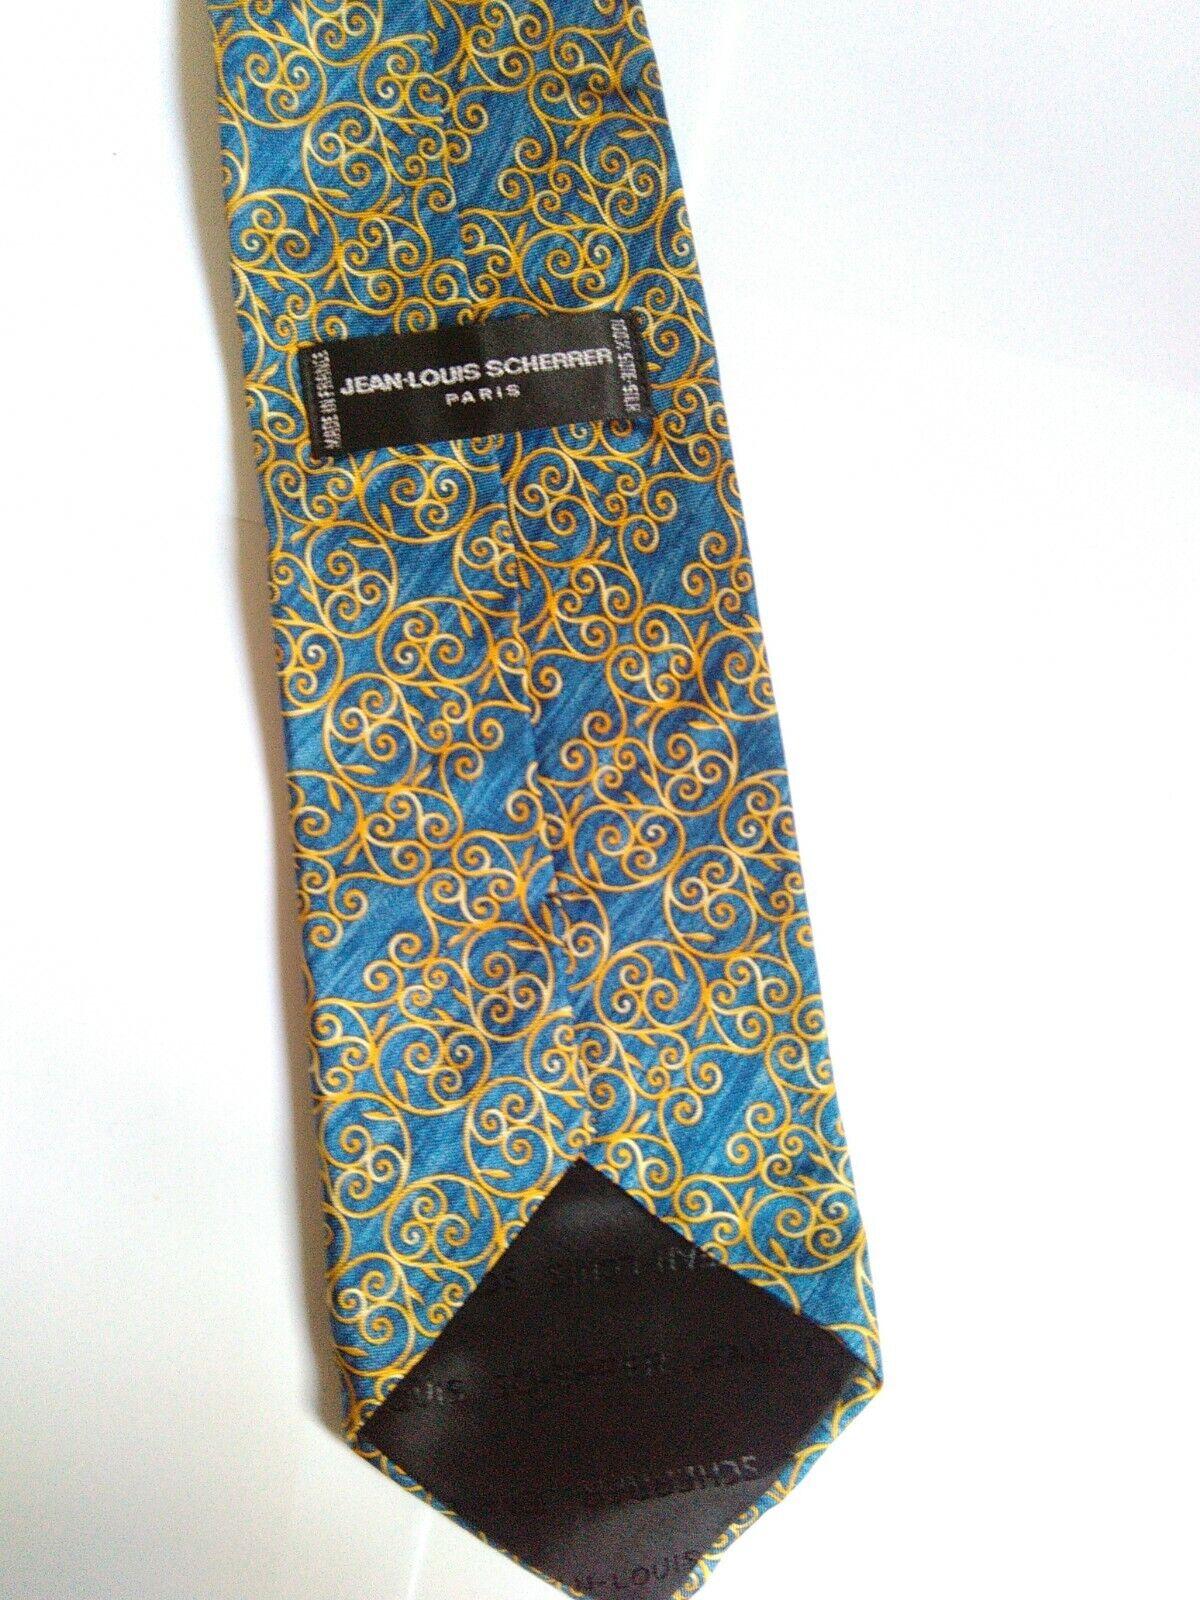 Cravate scherrer en soie